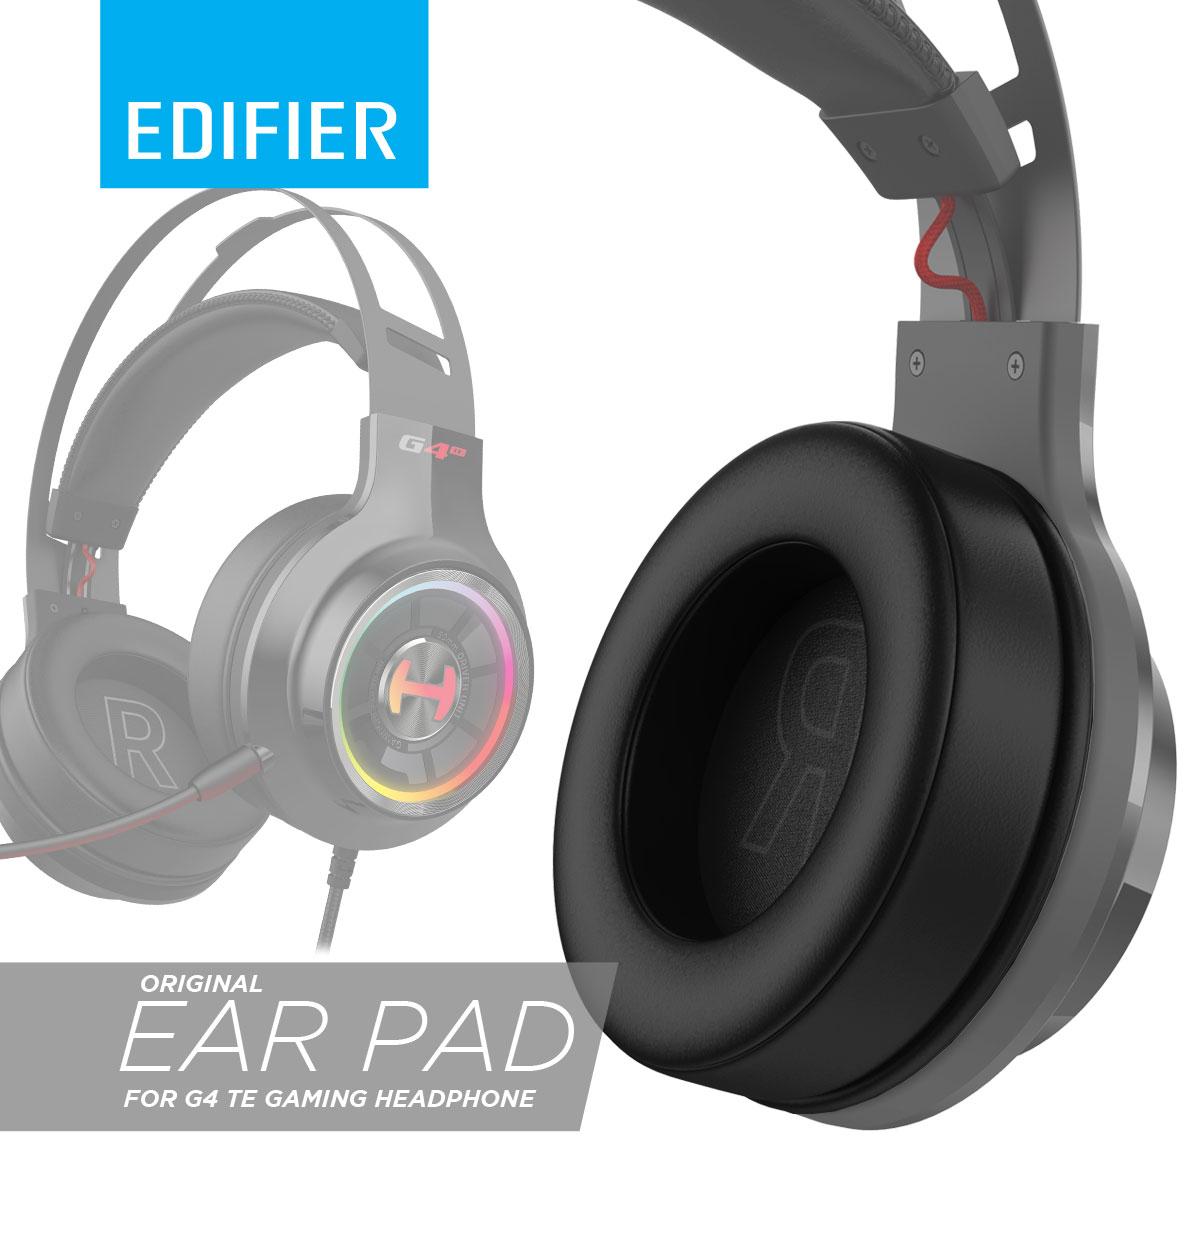 Edifier G4 TE Earpad